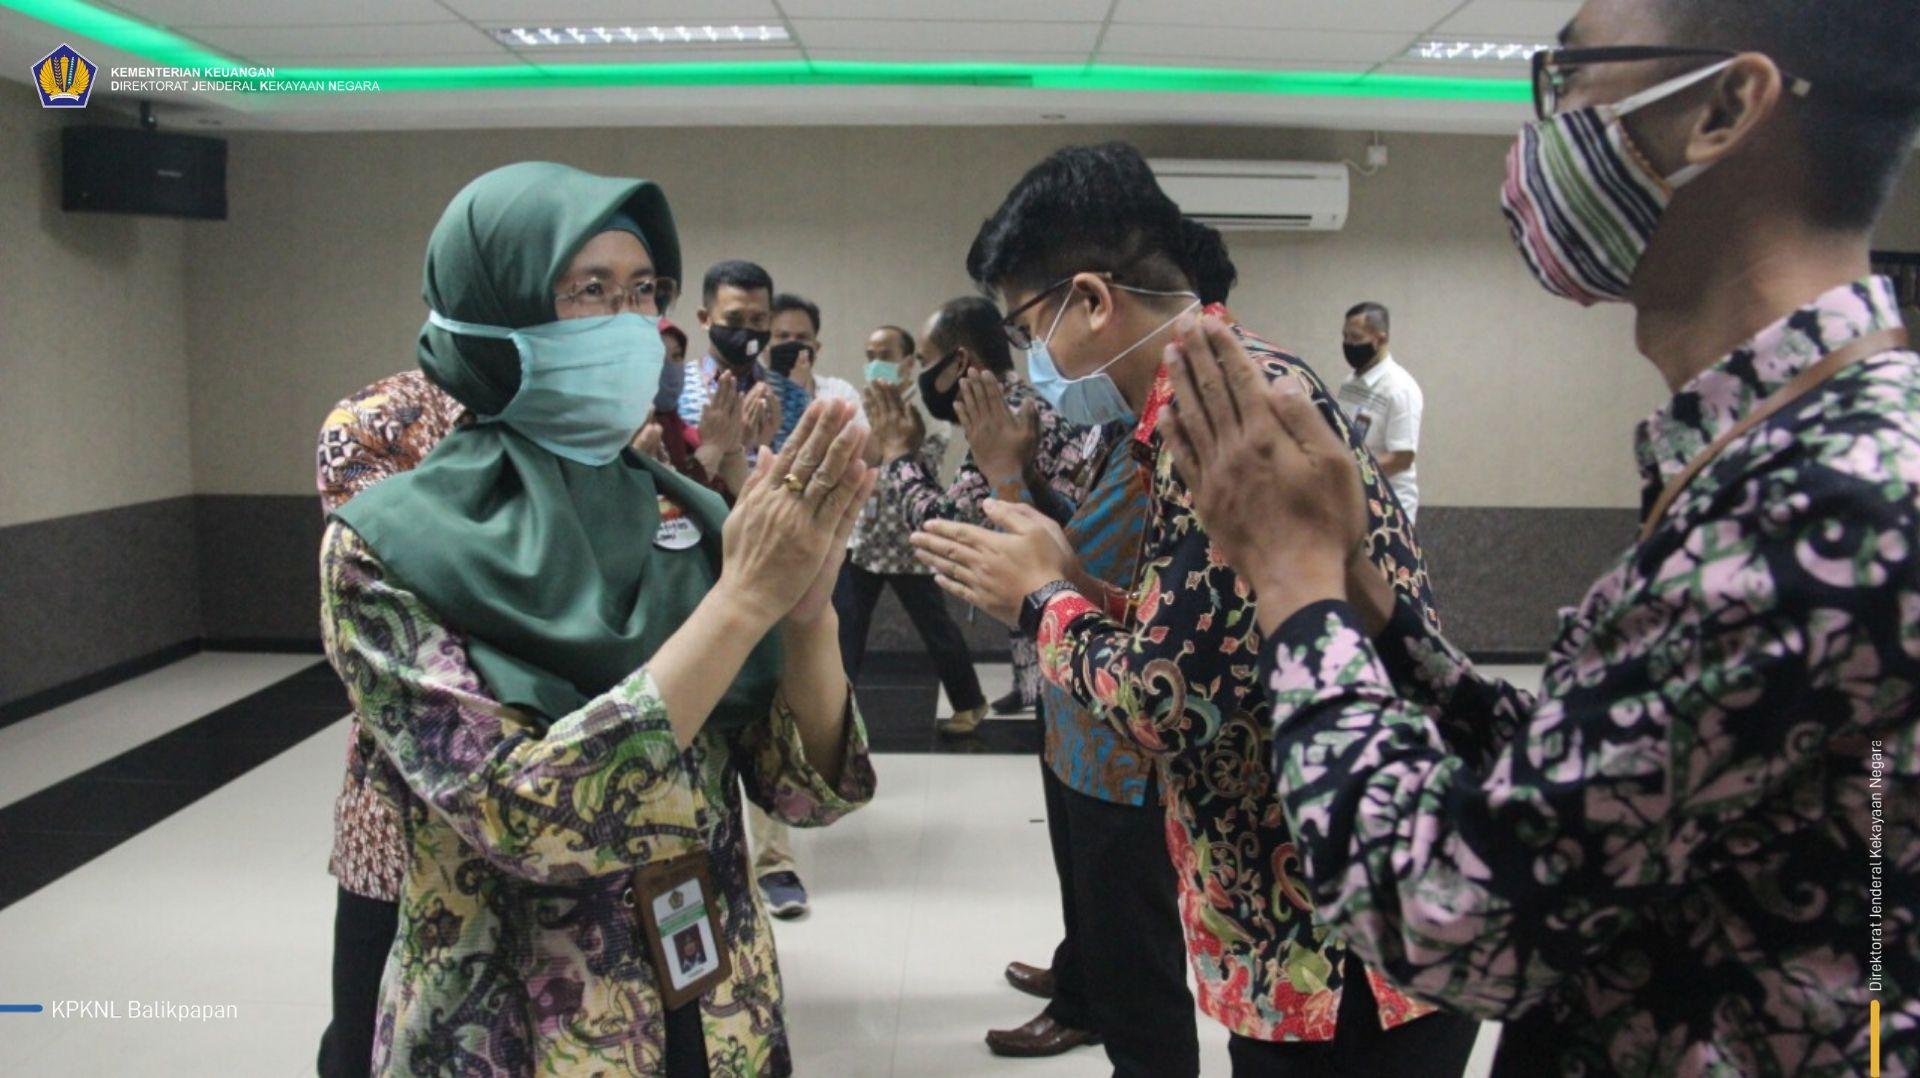 Resmi! Dua Pegawai KPKNL Balikpapan diangkat sebagai Pejabat Fungsional Penilai